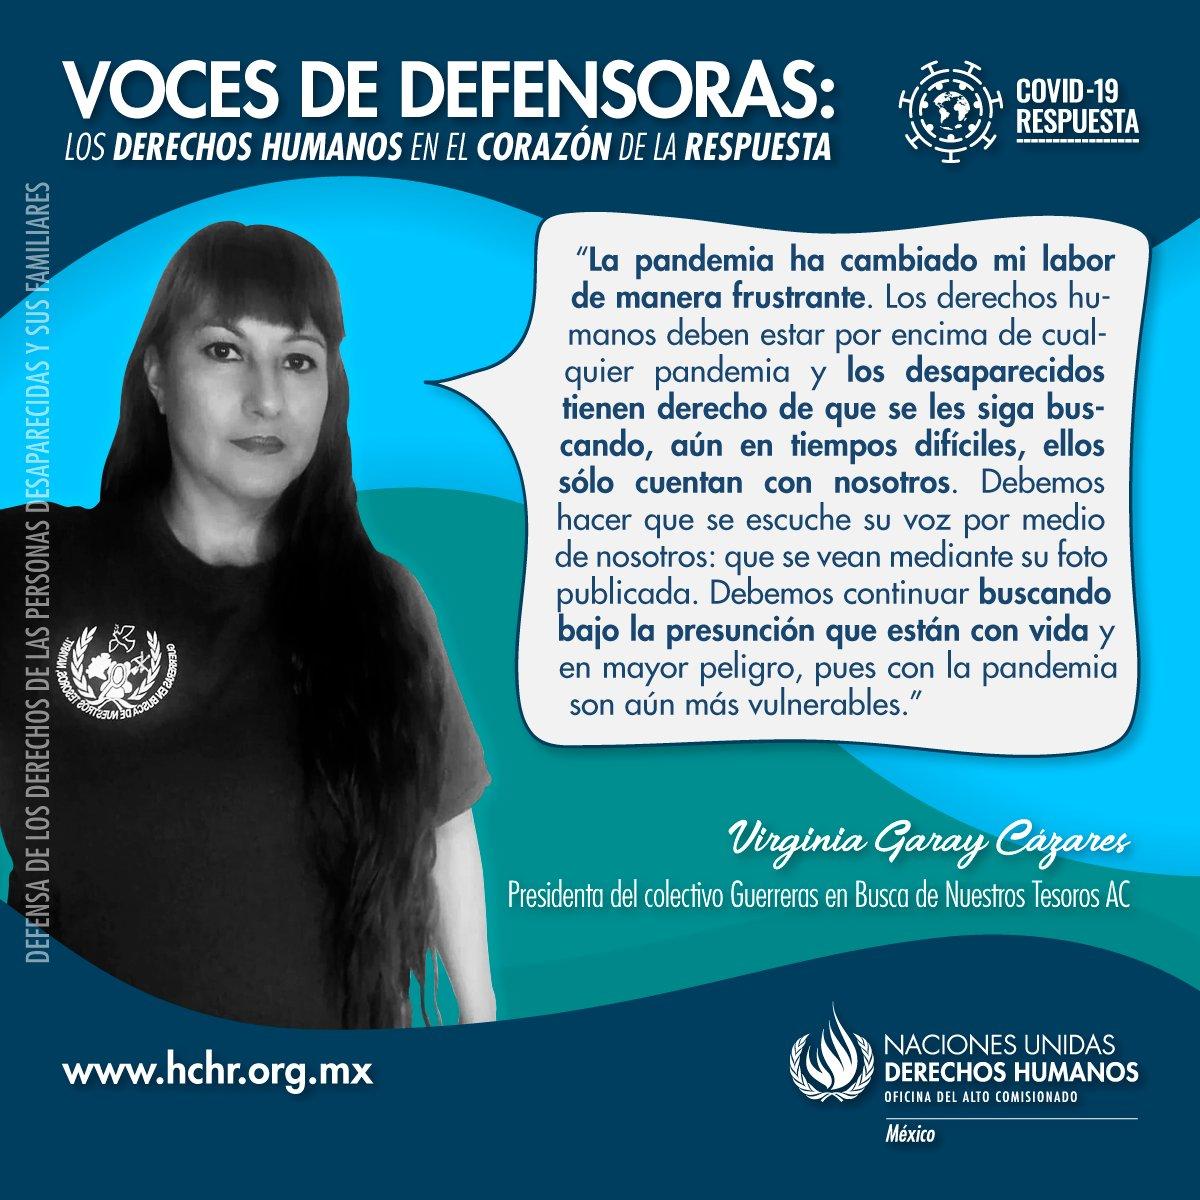 Virgina Garay, presidenta de @GuerrerasNayar2 resalta mediante su voz que la búsqueda de las personas desaparecidas no puede cesar en medio de la pandemia.  ¡Comparte!  #VocesDeDefensoras #ONUMxCovid19 https://t.co/YQYjphEJkz